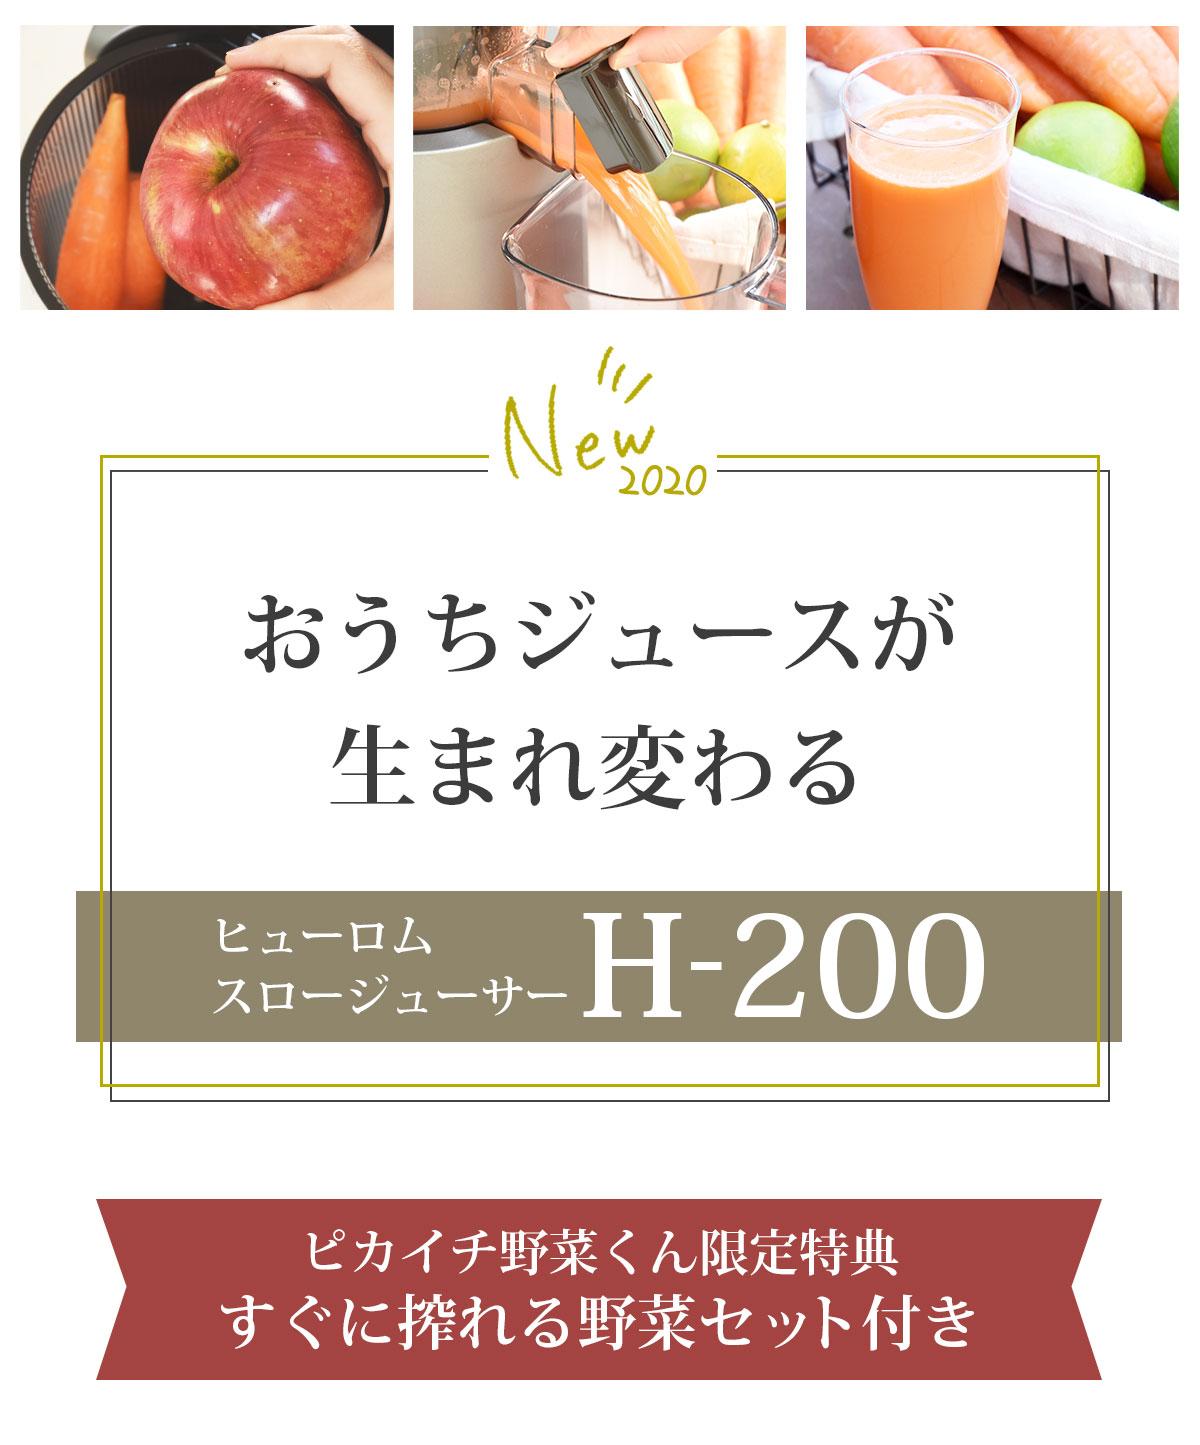 ヒューロムスロージューサーH-200